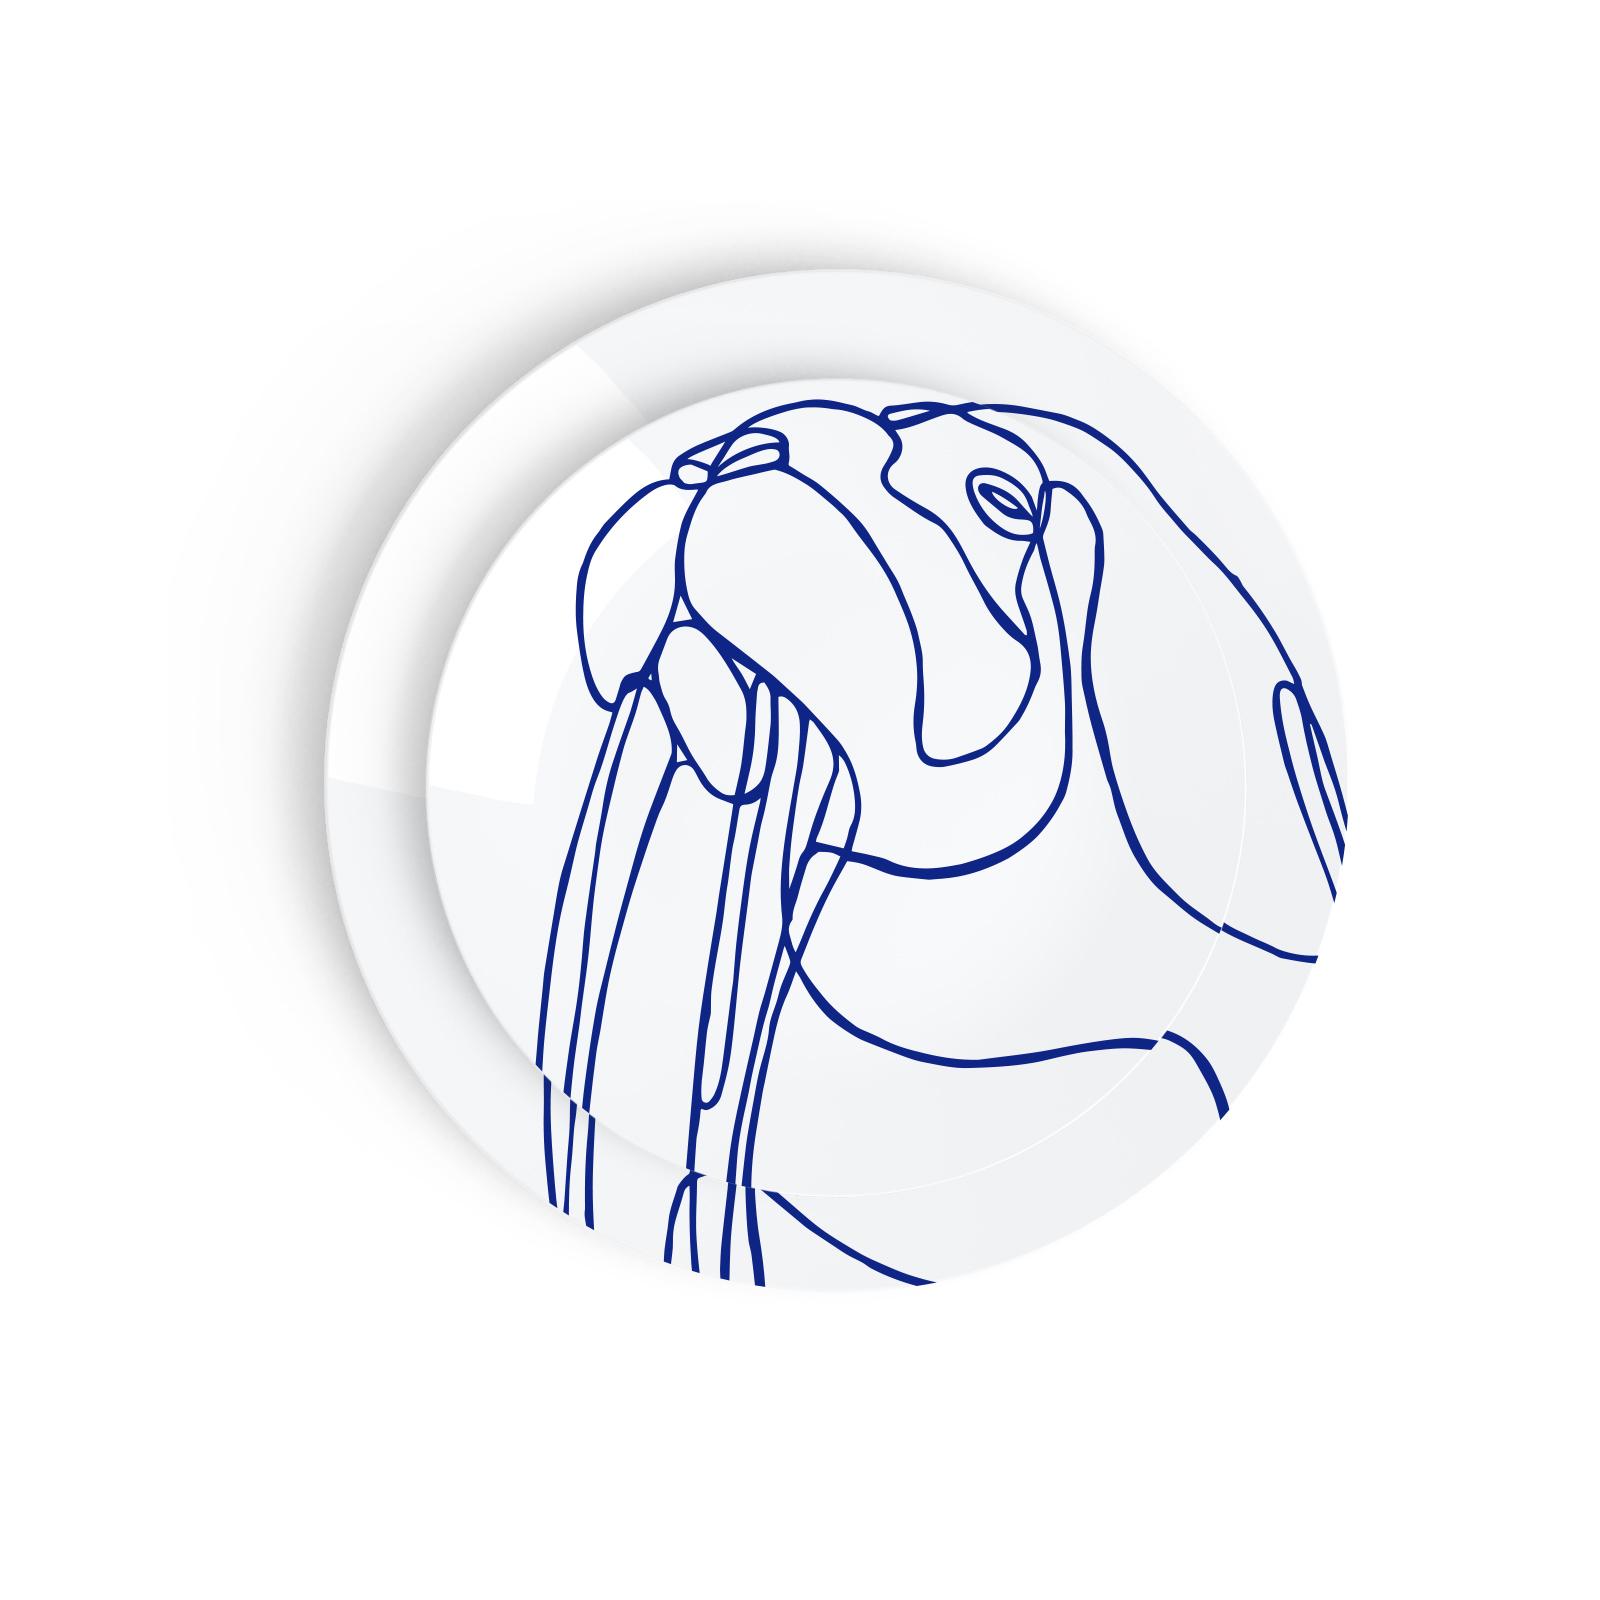 Tes Ted Artic Beasts Walrus - Esprit Porcelaine, Porcelaine De Limoges